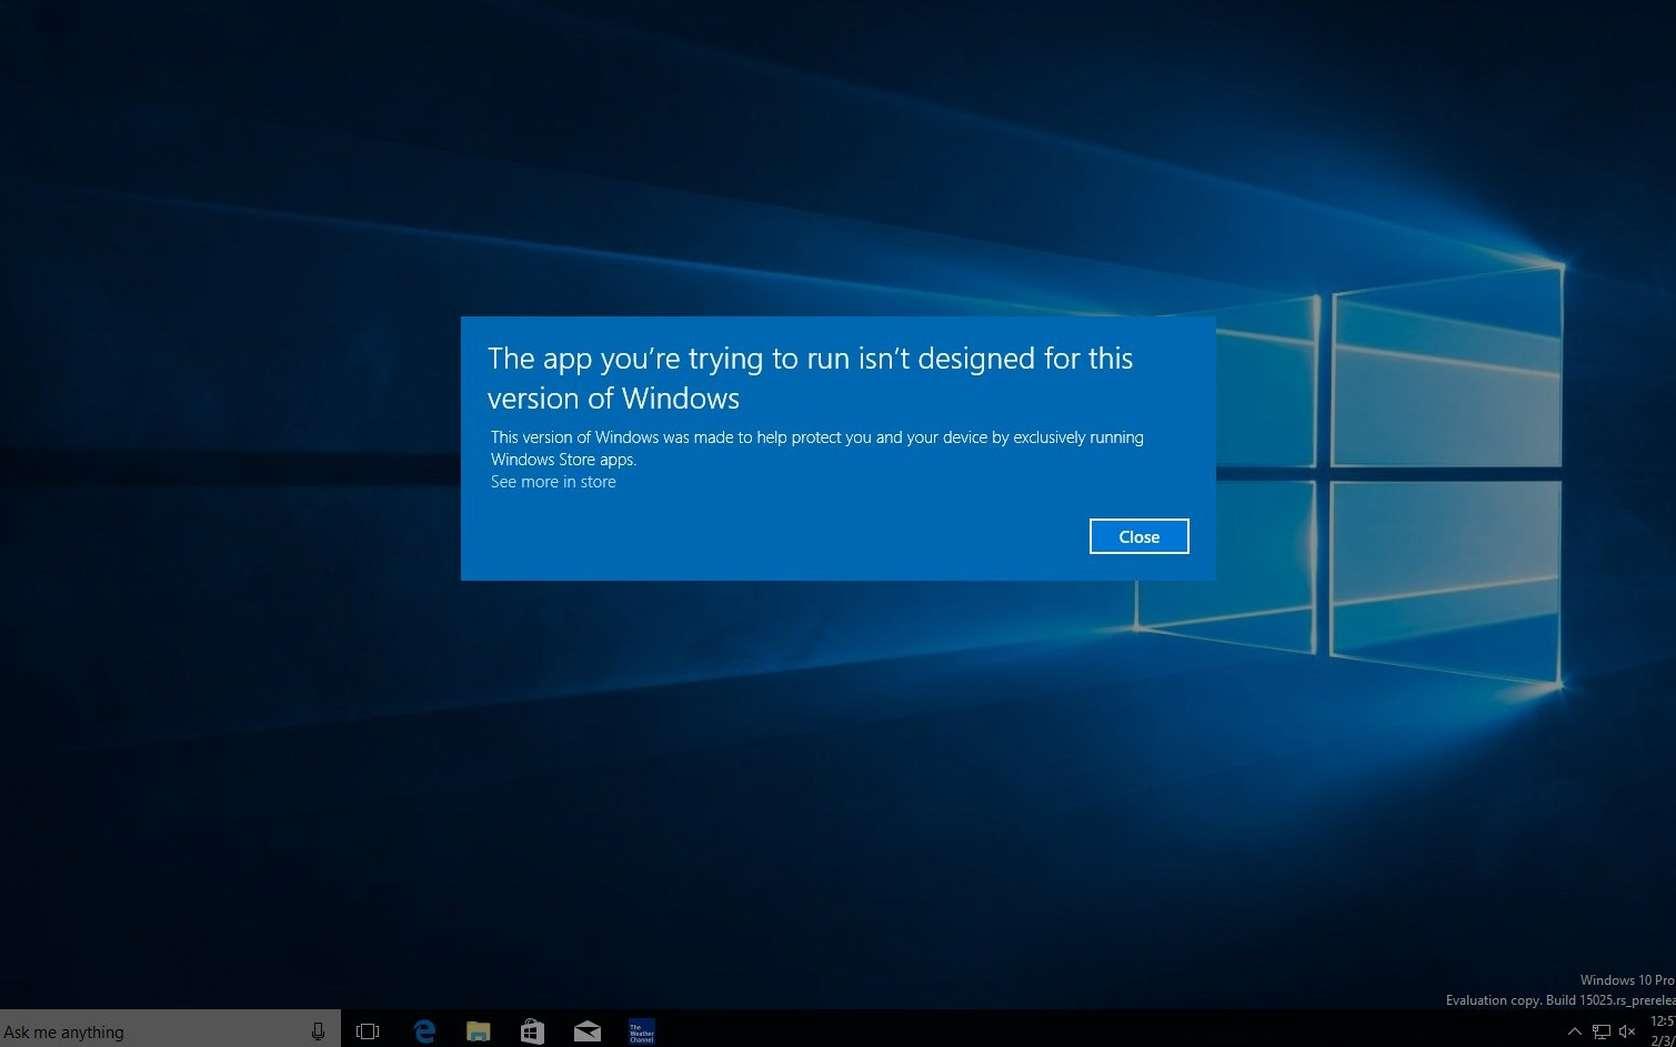 Voici un aperçu de Windows 10 Cloud, la supposée déclinaison du système d'exploitation de Microsoft. L'aspect et le fonctionnement sont identiques à l'OS actuel. Seule différence, la possibilité de n'installer que des applications issues du magasin en ligne Windows Store. © Thurrott